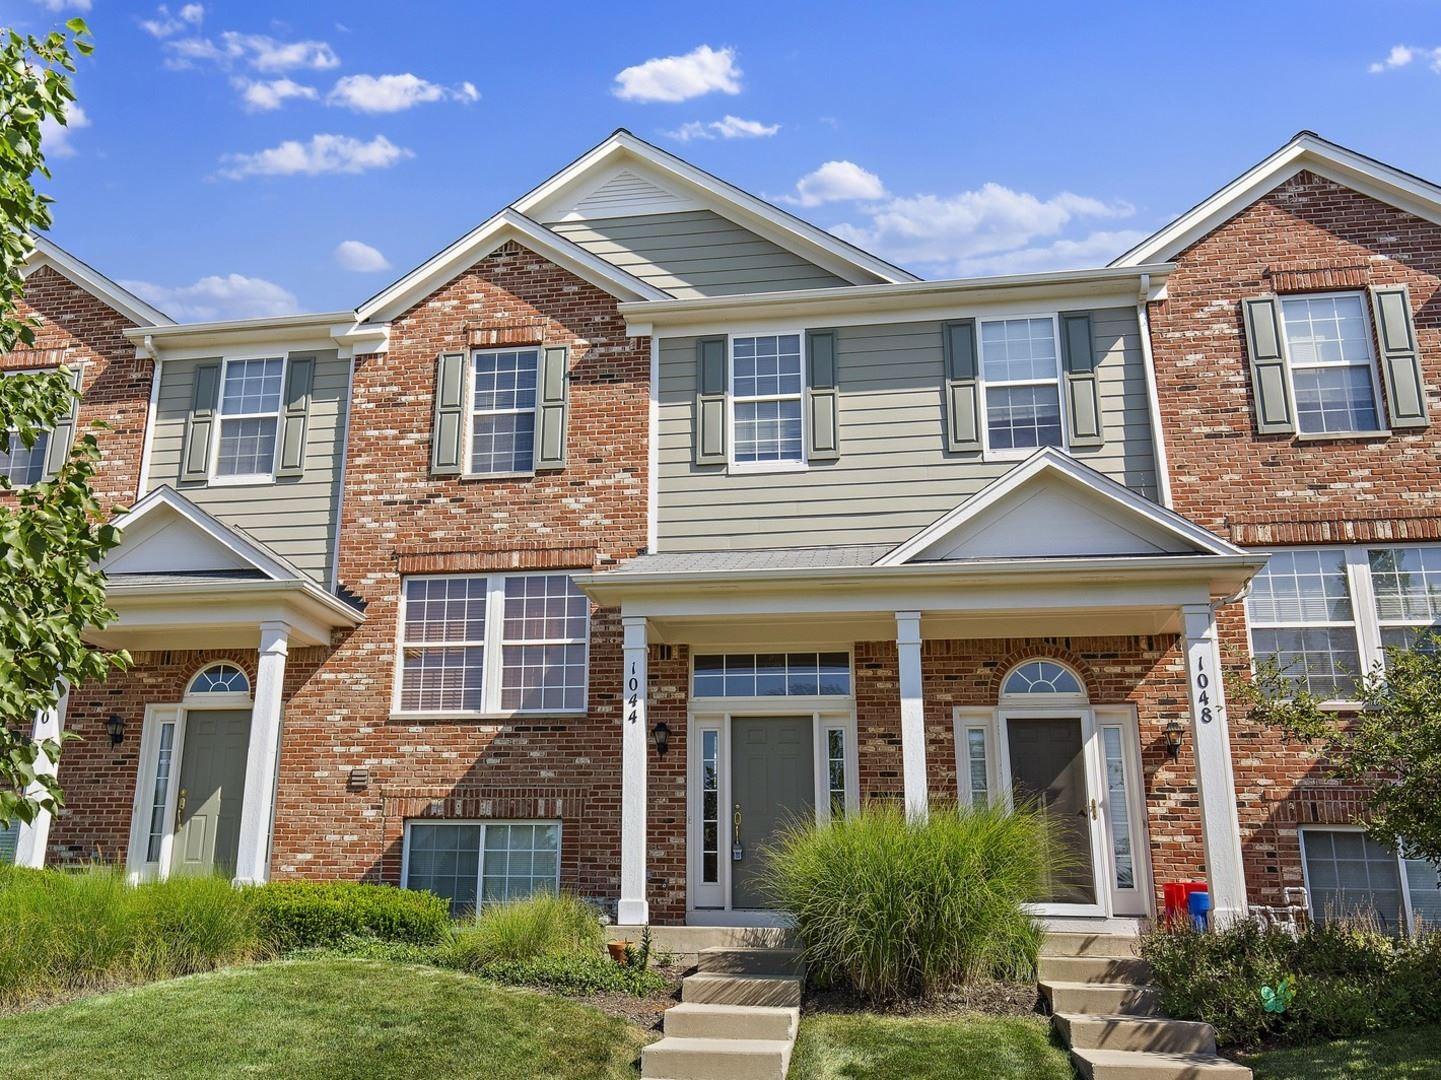 1044 Reserve Drive #1044, Elgin, IL 60124 - #: 10813341